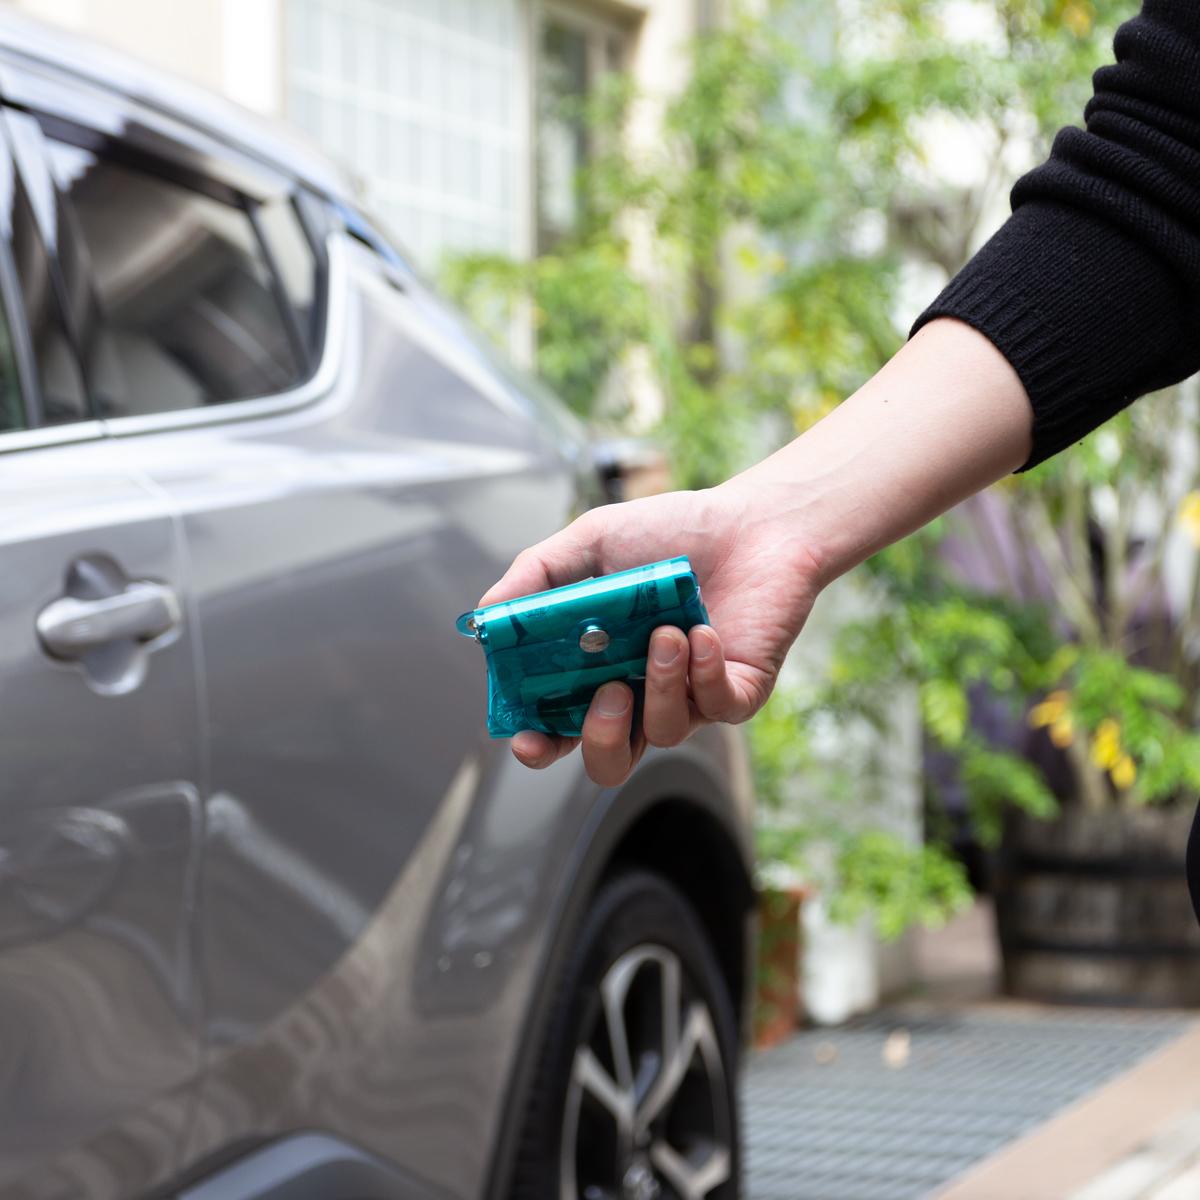 車の鍵に付けて、ちょっとした買い物や気分転換のドライブにも◎!ミニマム構造がかなえる、軽量&収納力の「ミニ財布」|SALLIES